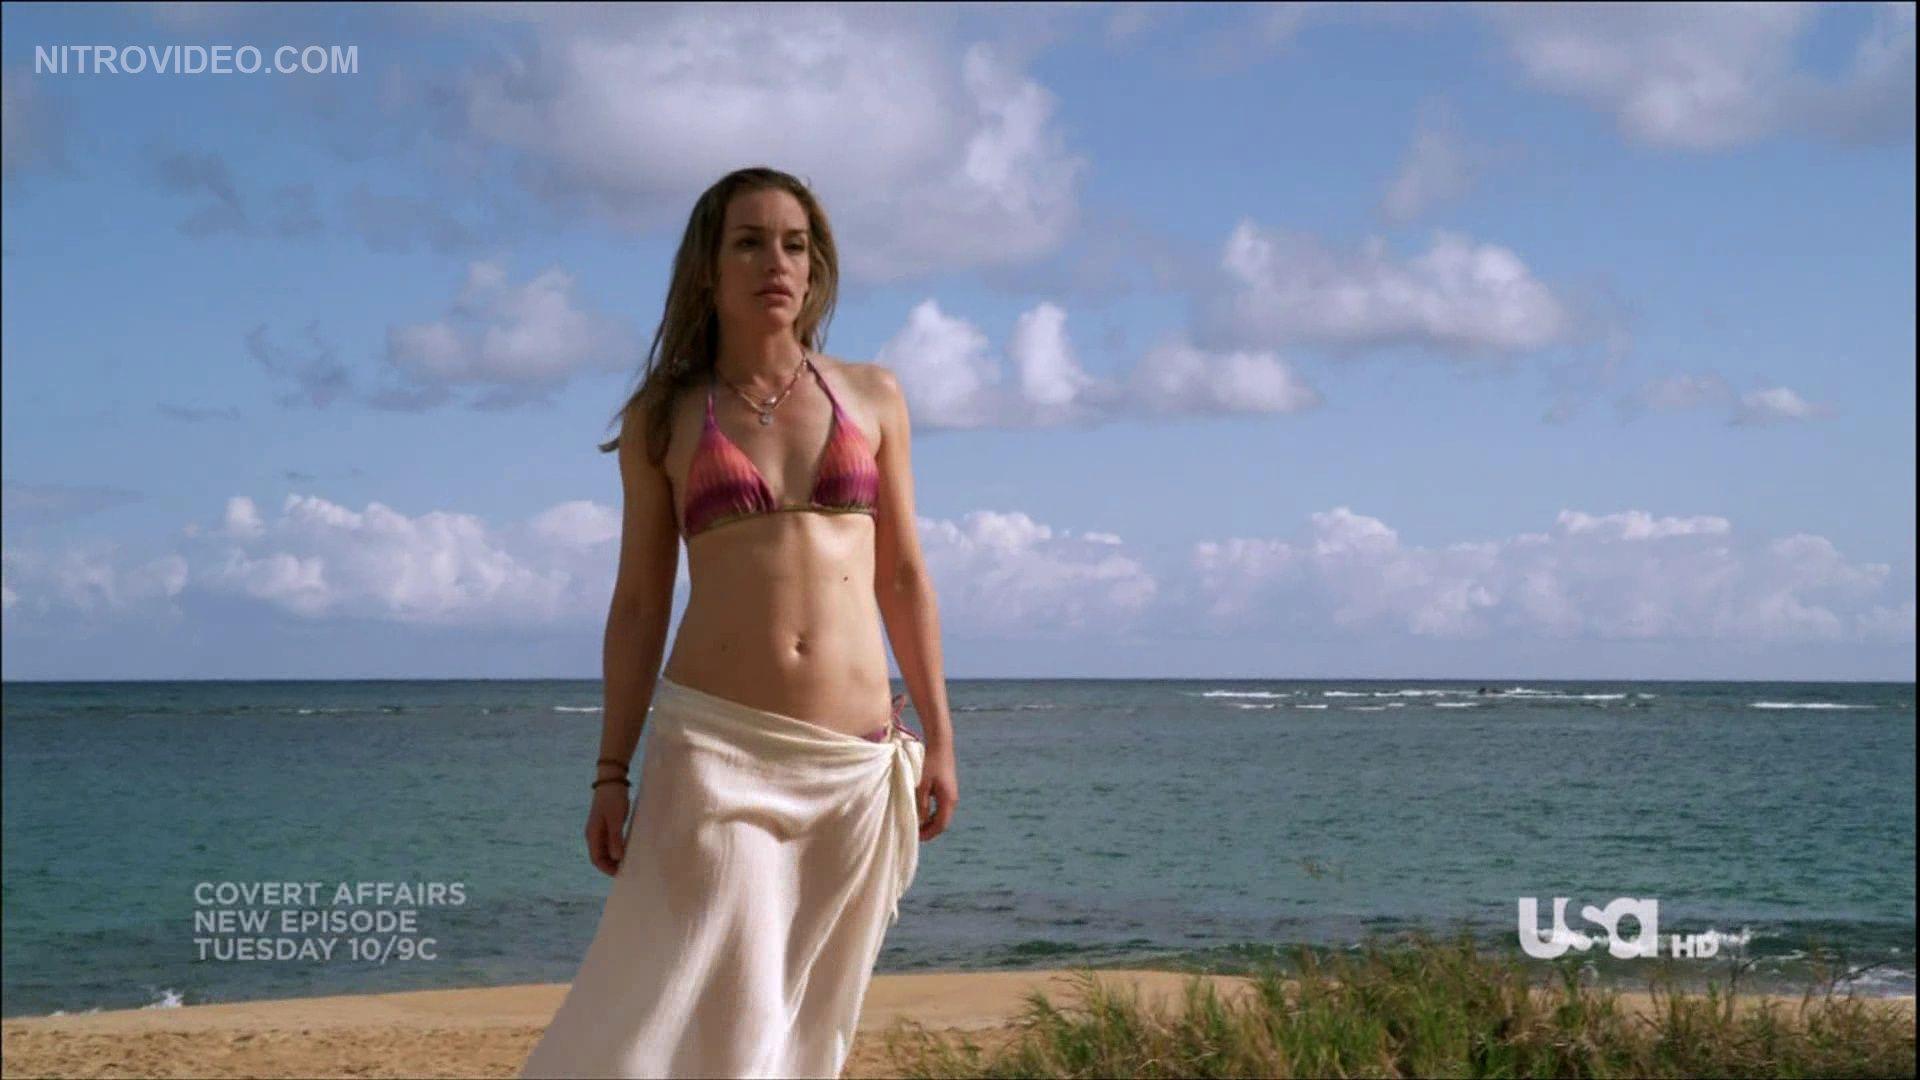 BikiniBikini Piper Perabo nudes (46 photo), Topless, Sideboobs, Boobs, in bikini 2006